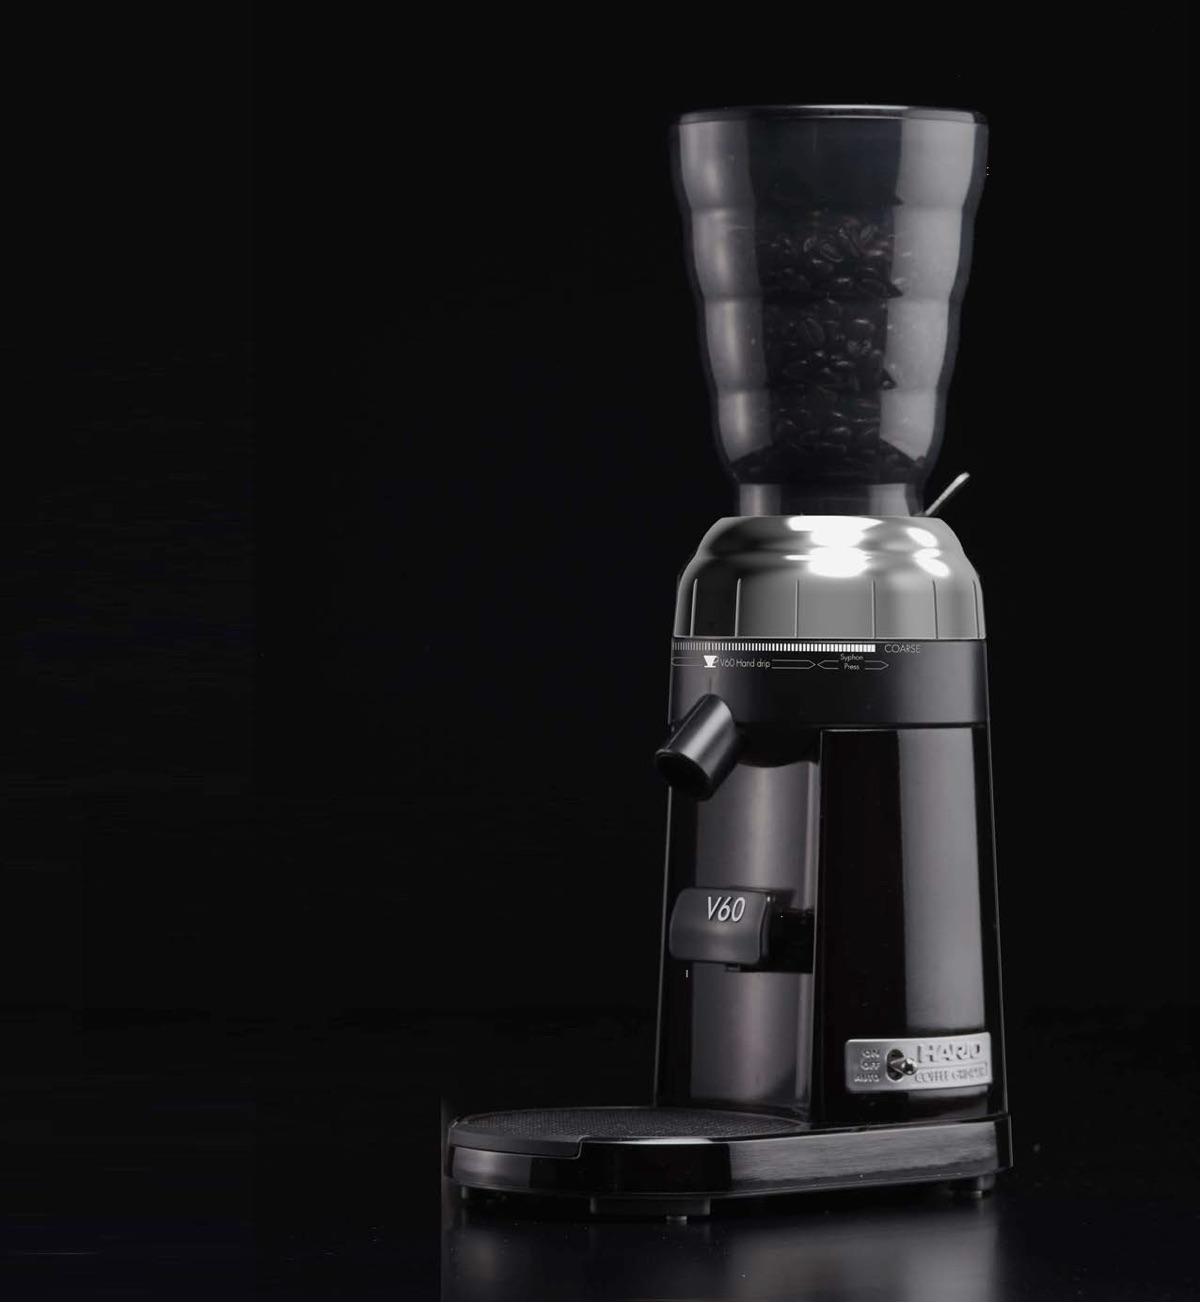 Hario electric V60 coffee grinder.